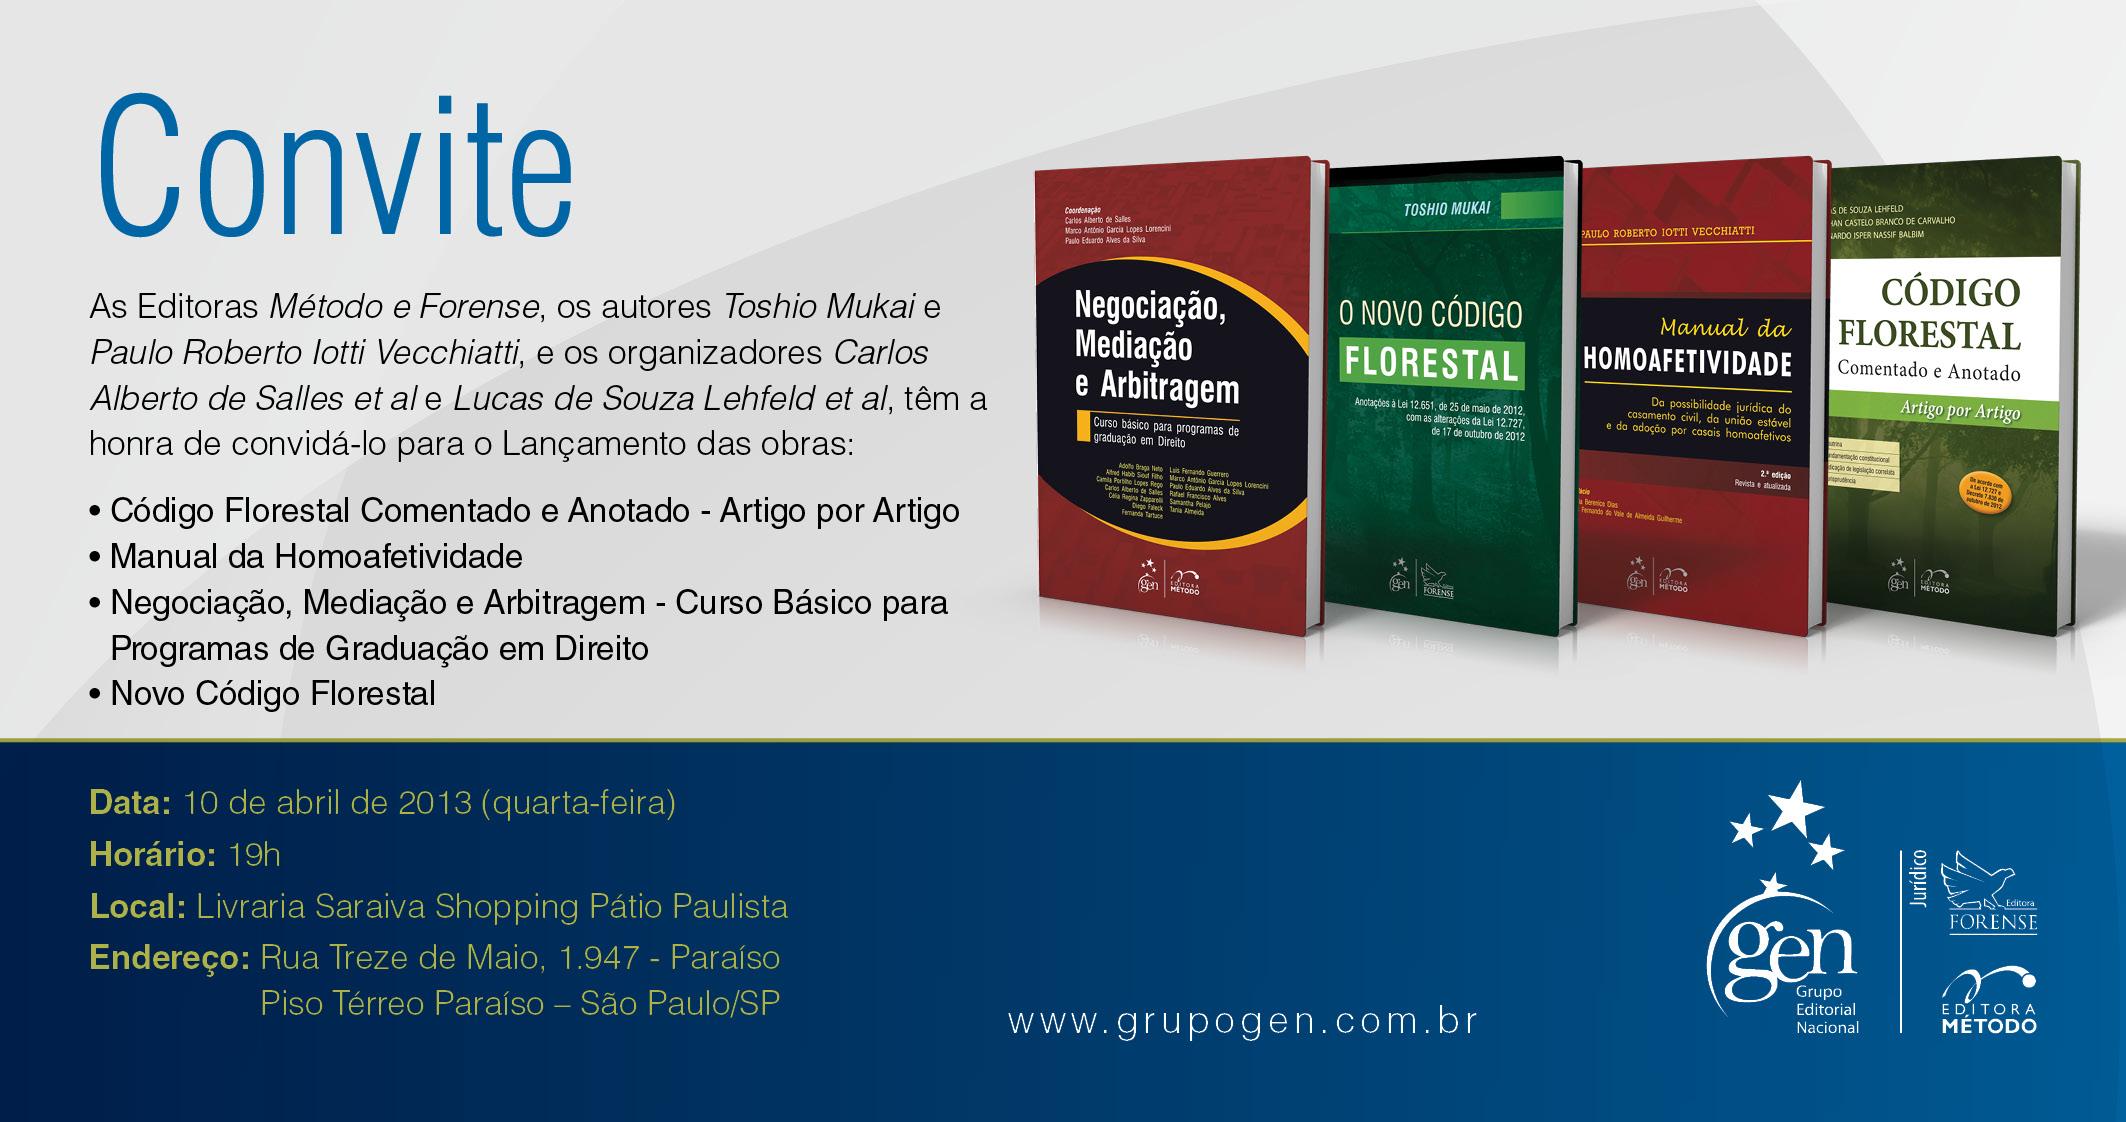 Convite lançamento-Saraiva Shop.Pátio Paulista 10.04.13